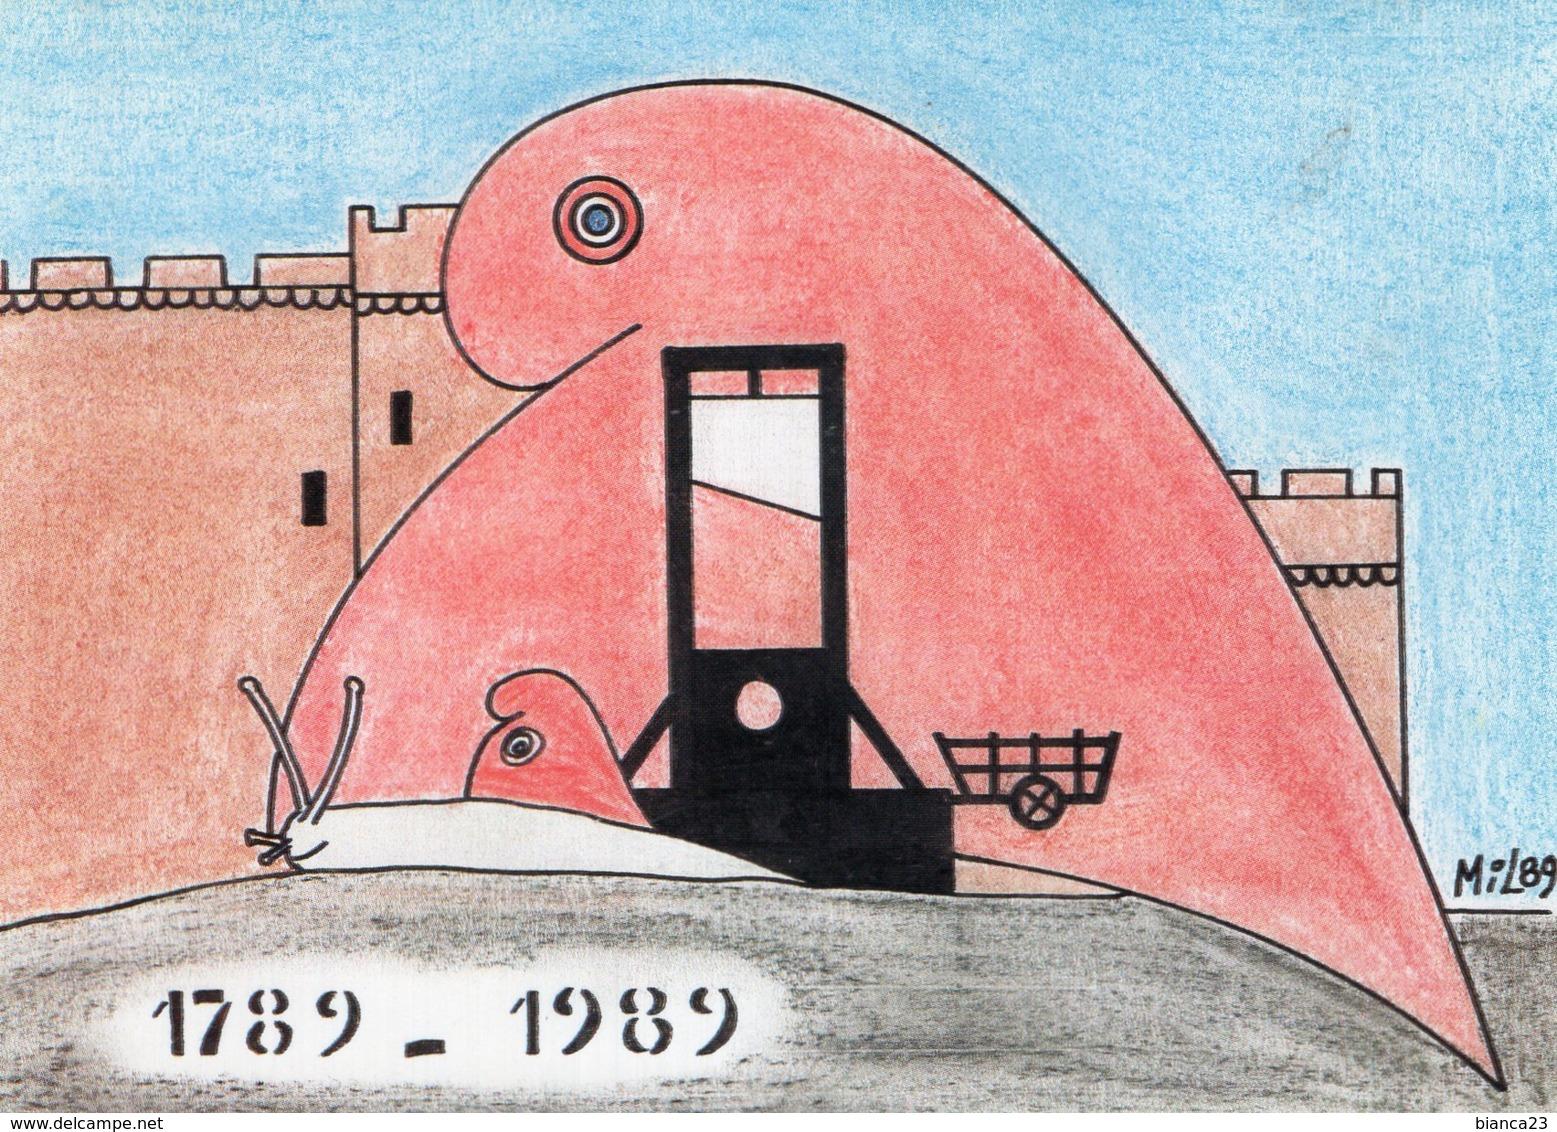 B63969 Cpm Bicentenaire De La Revolution  , Illustrateur Joel Millet - Unclassified